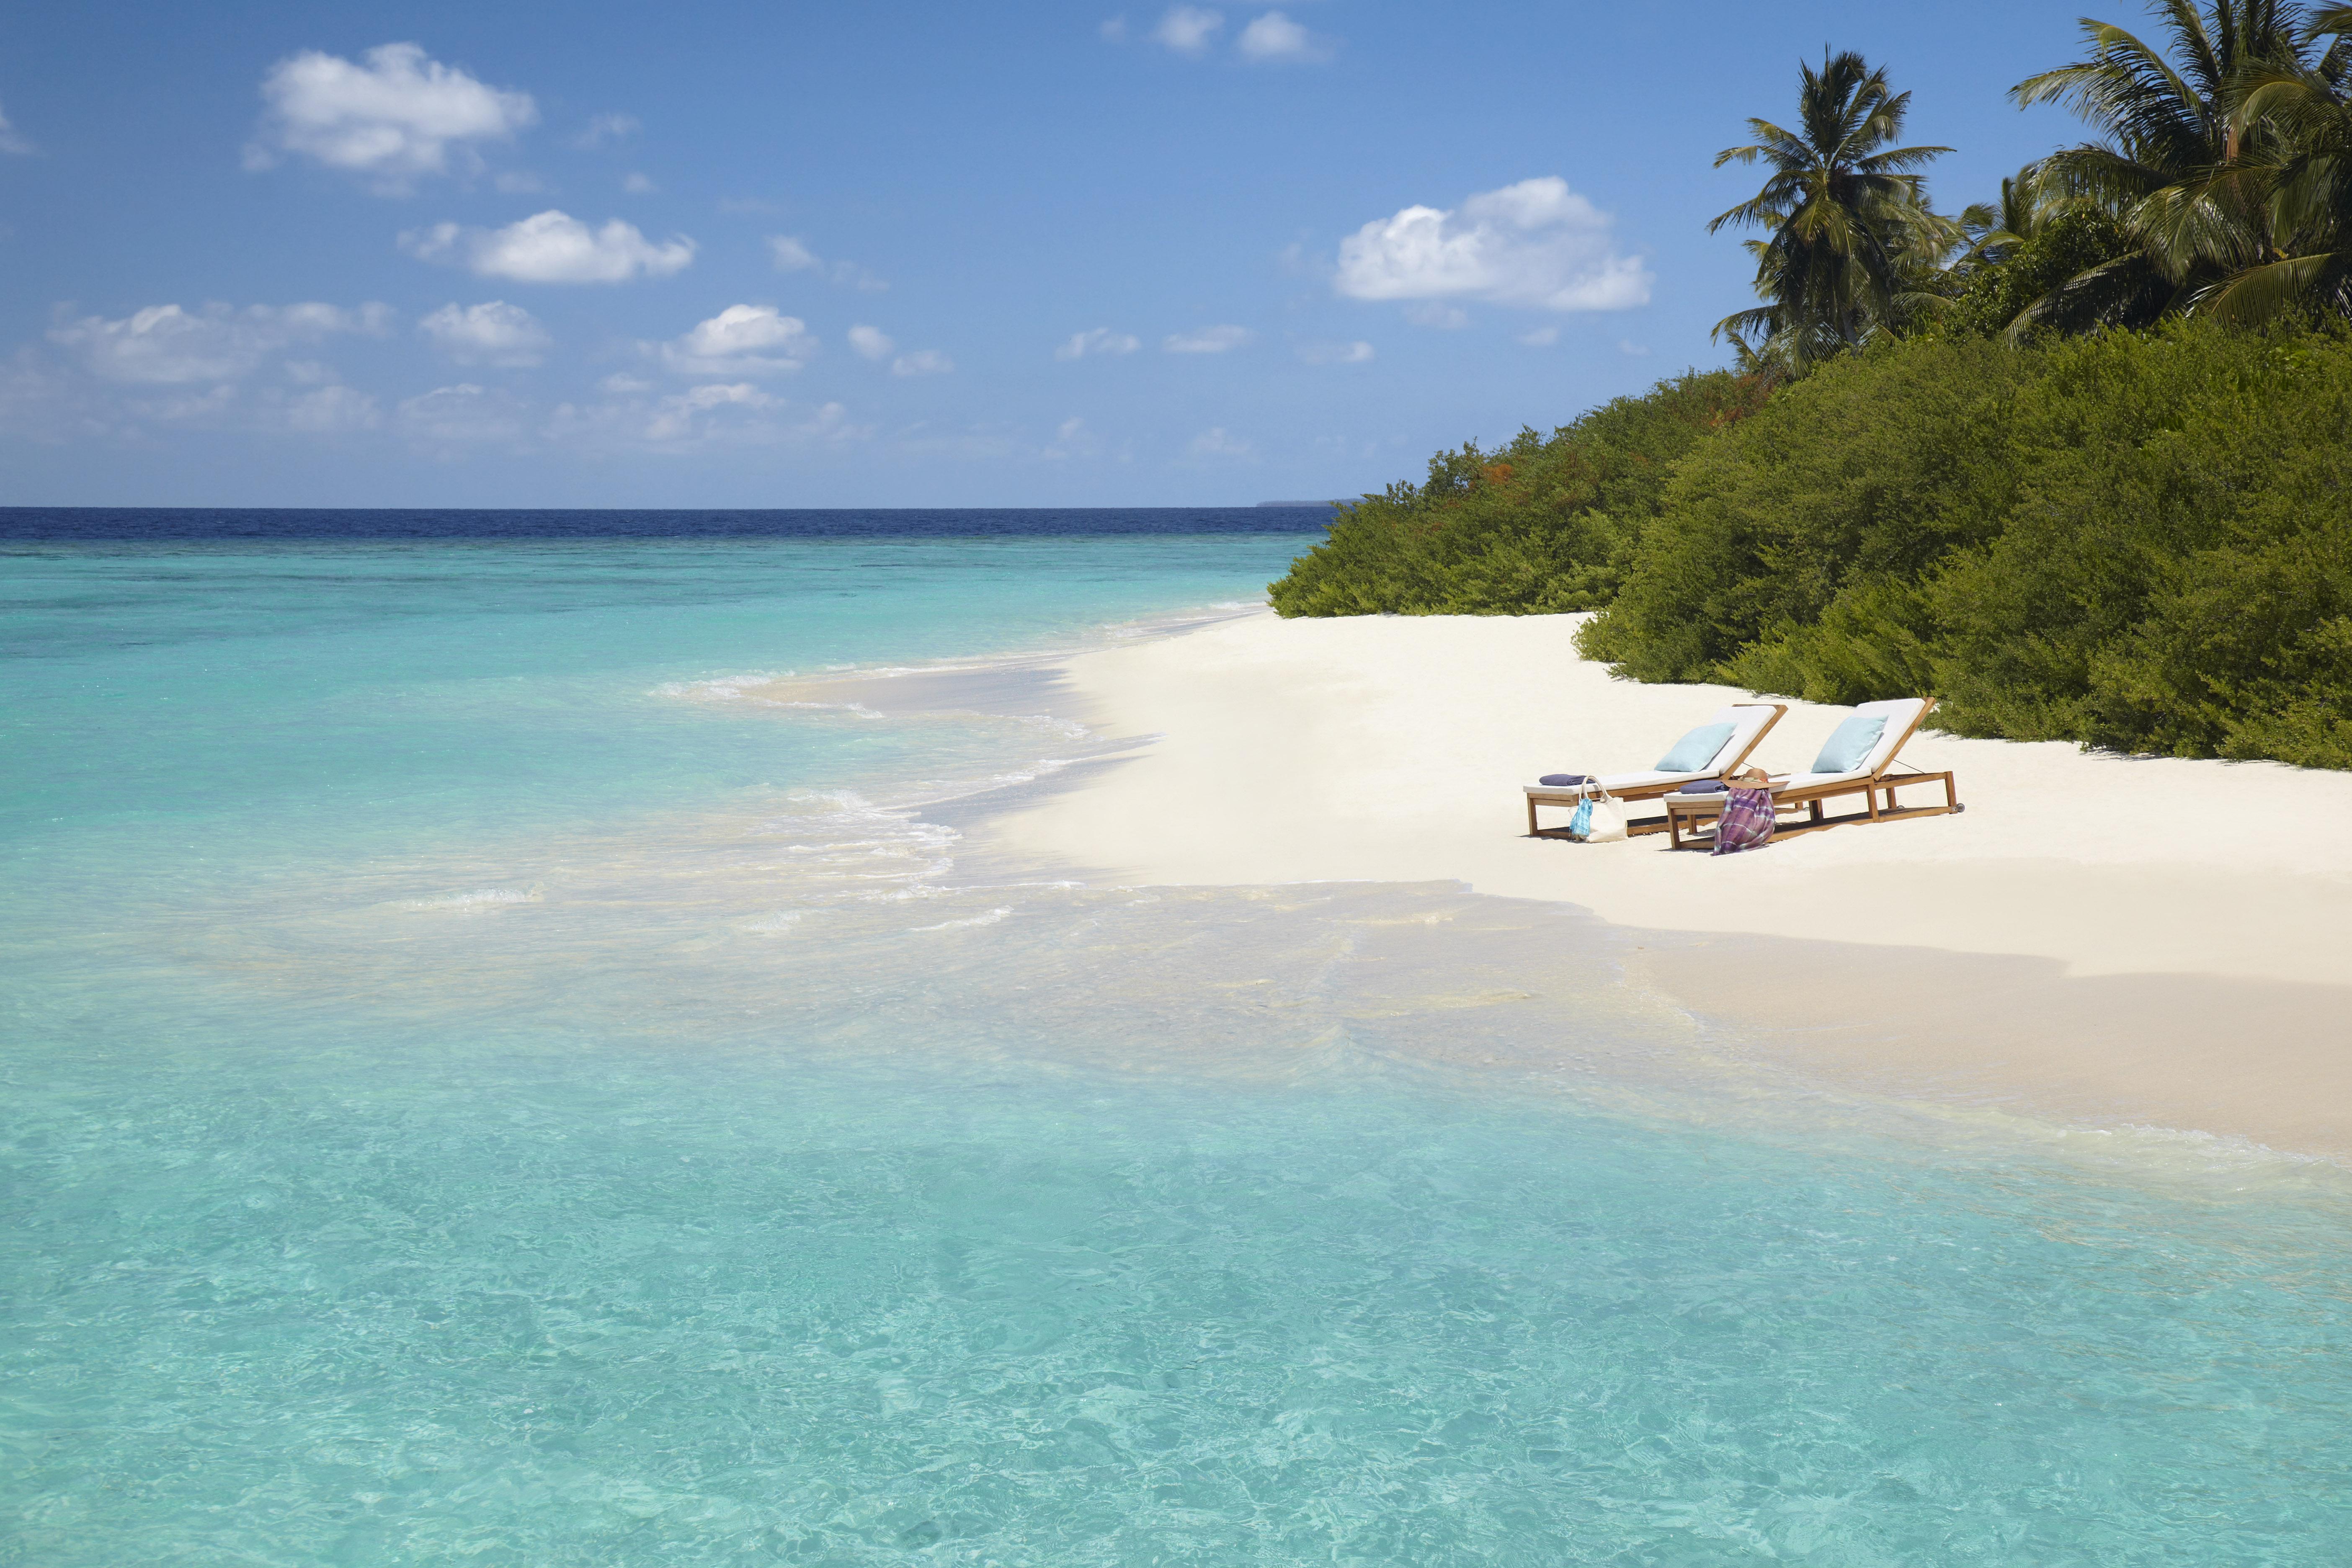 Dusit Thani Maldive a partire da Euro 2550 p.p.